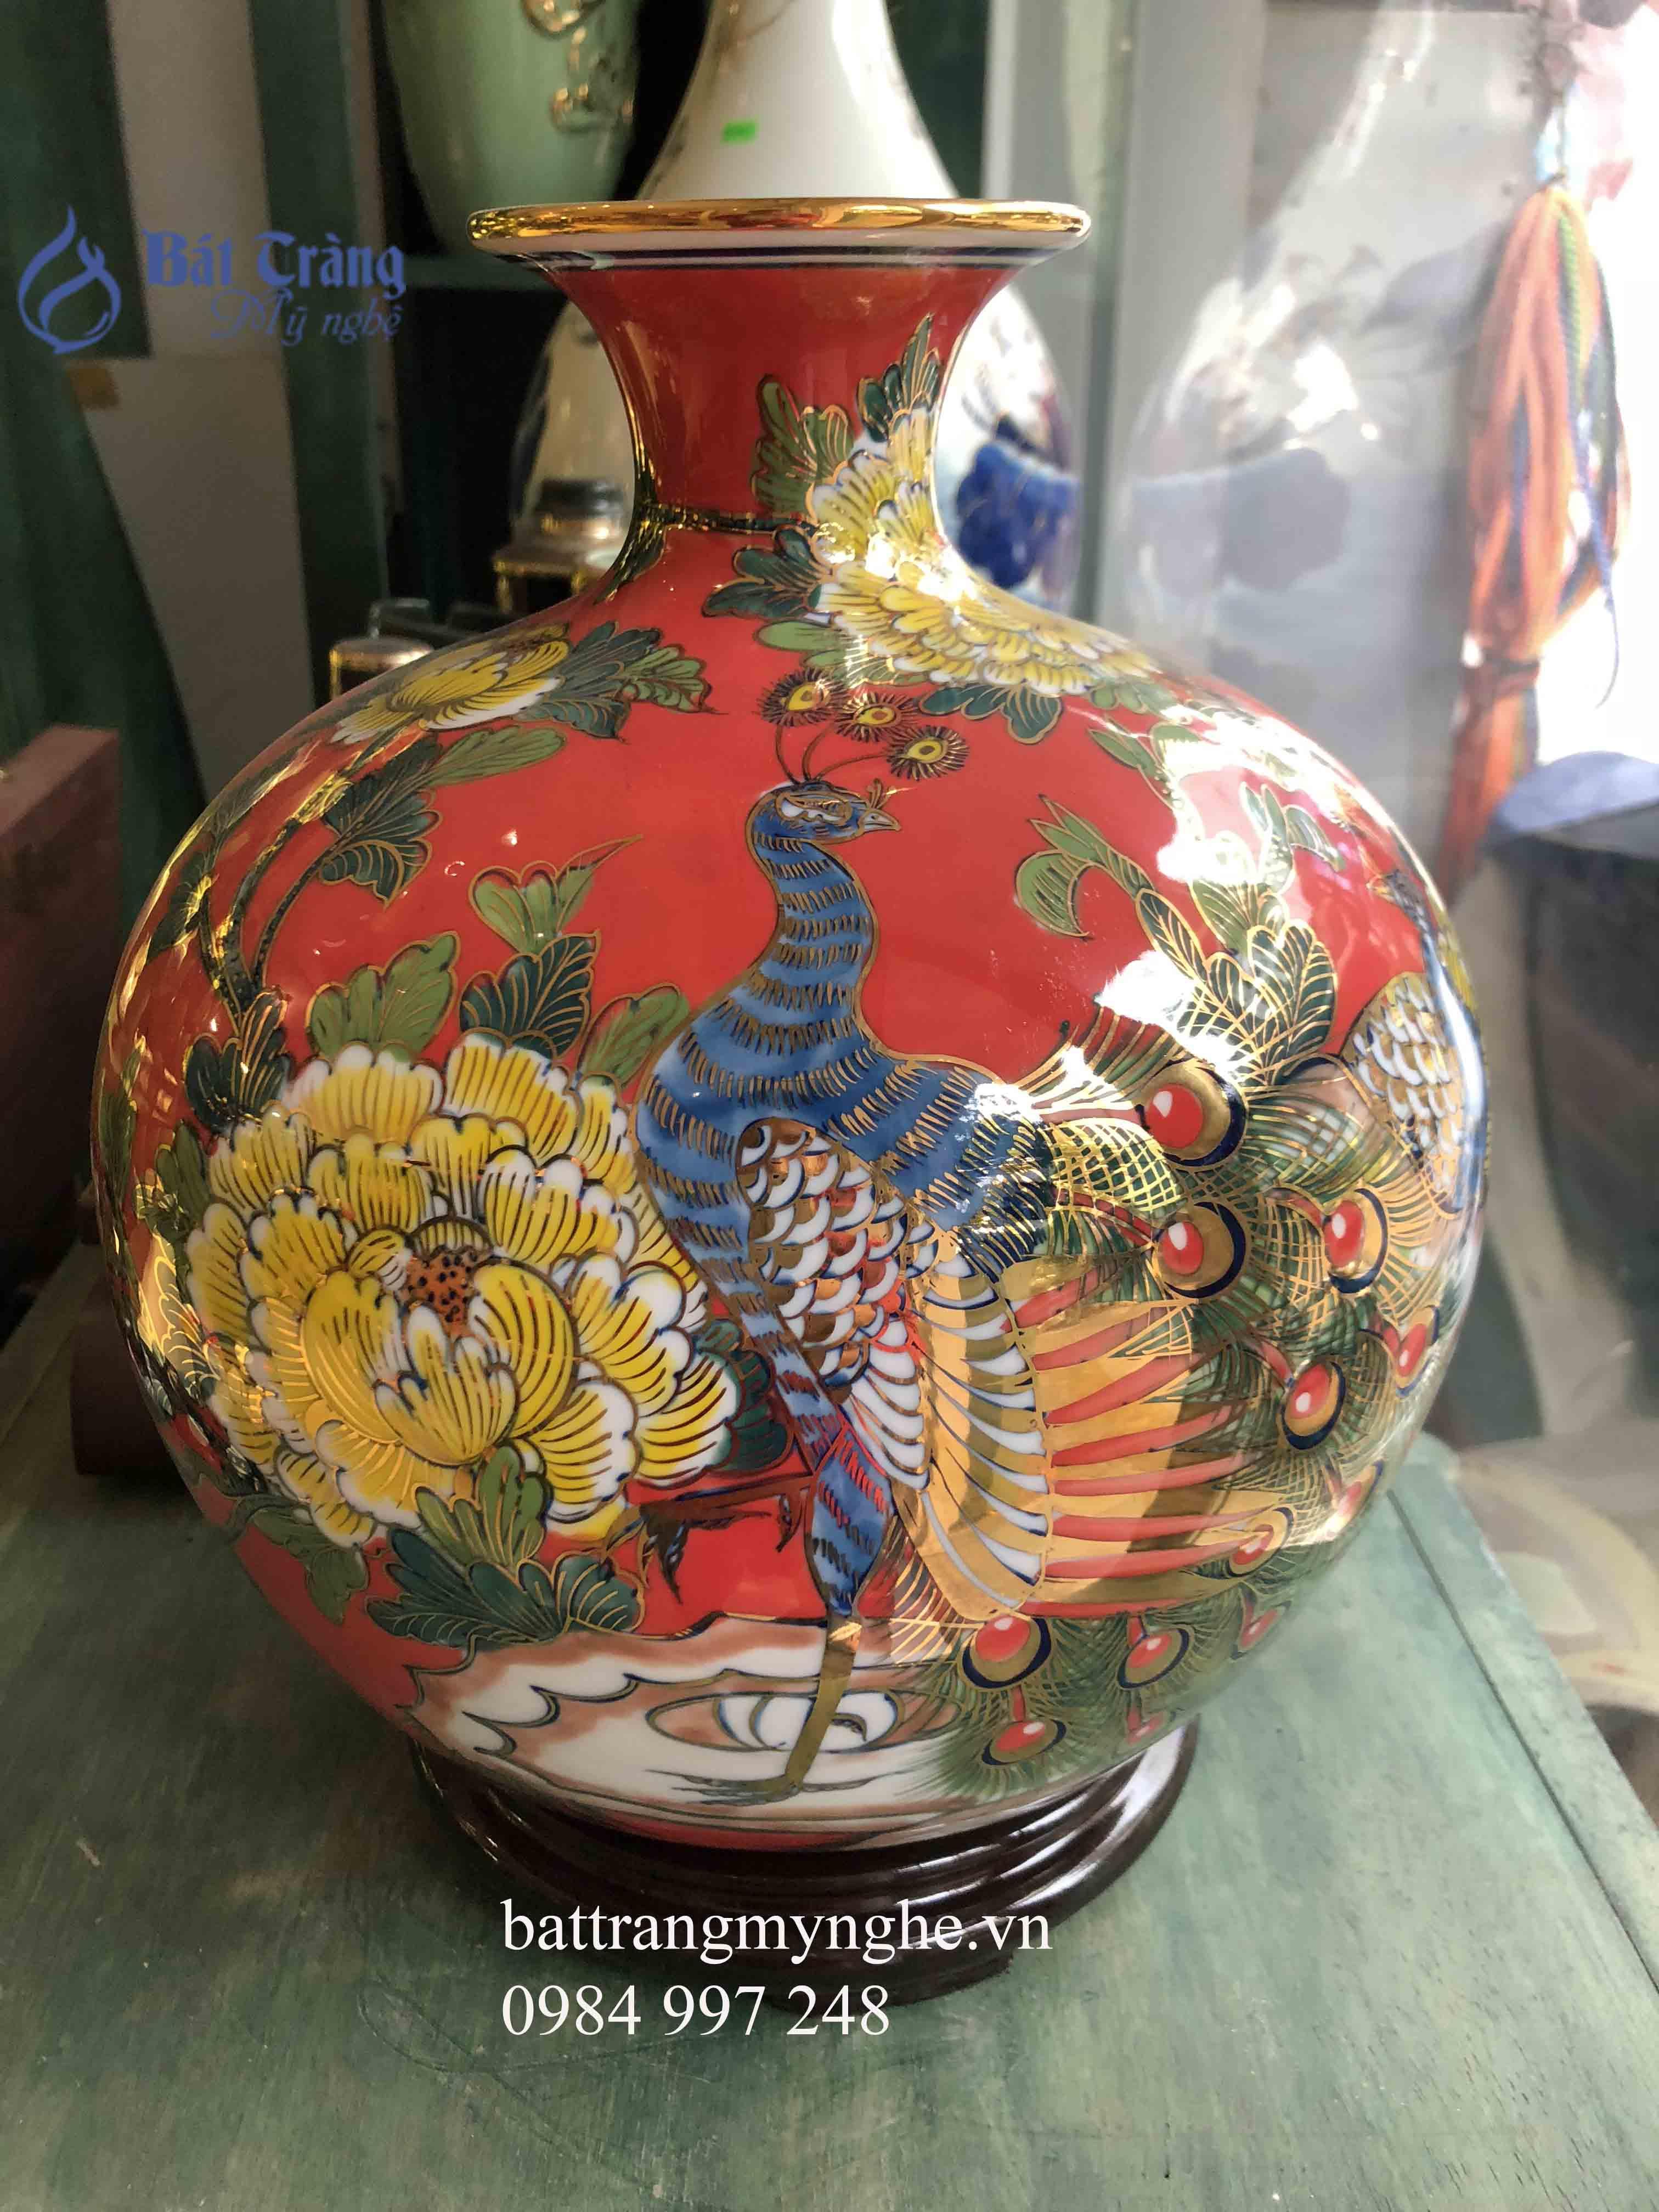 Bình hút tài lộc vẽ công hoa mệnh hỏa thổ cao 30cm